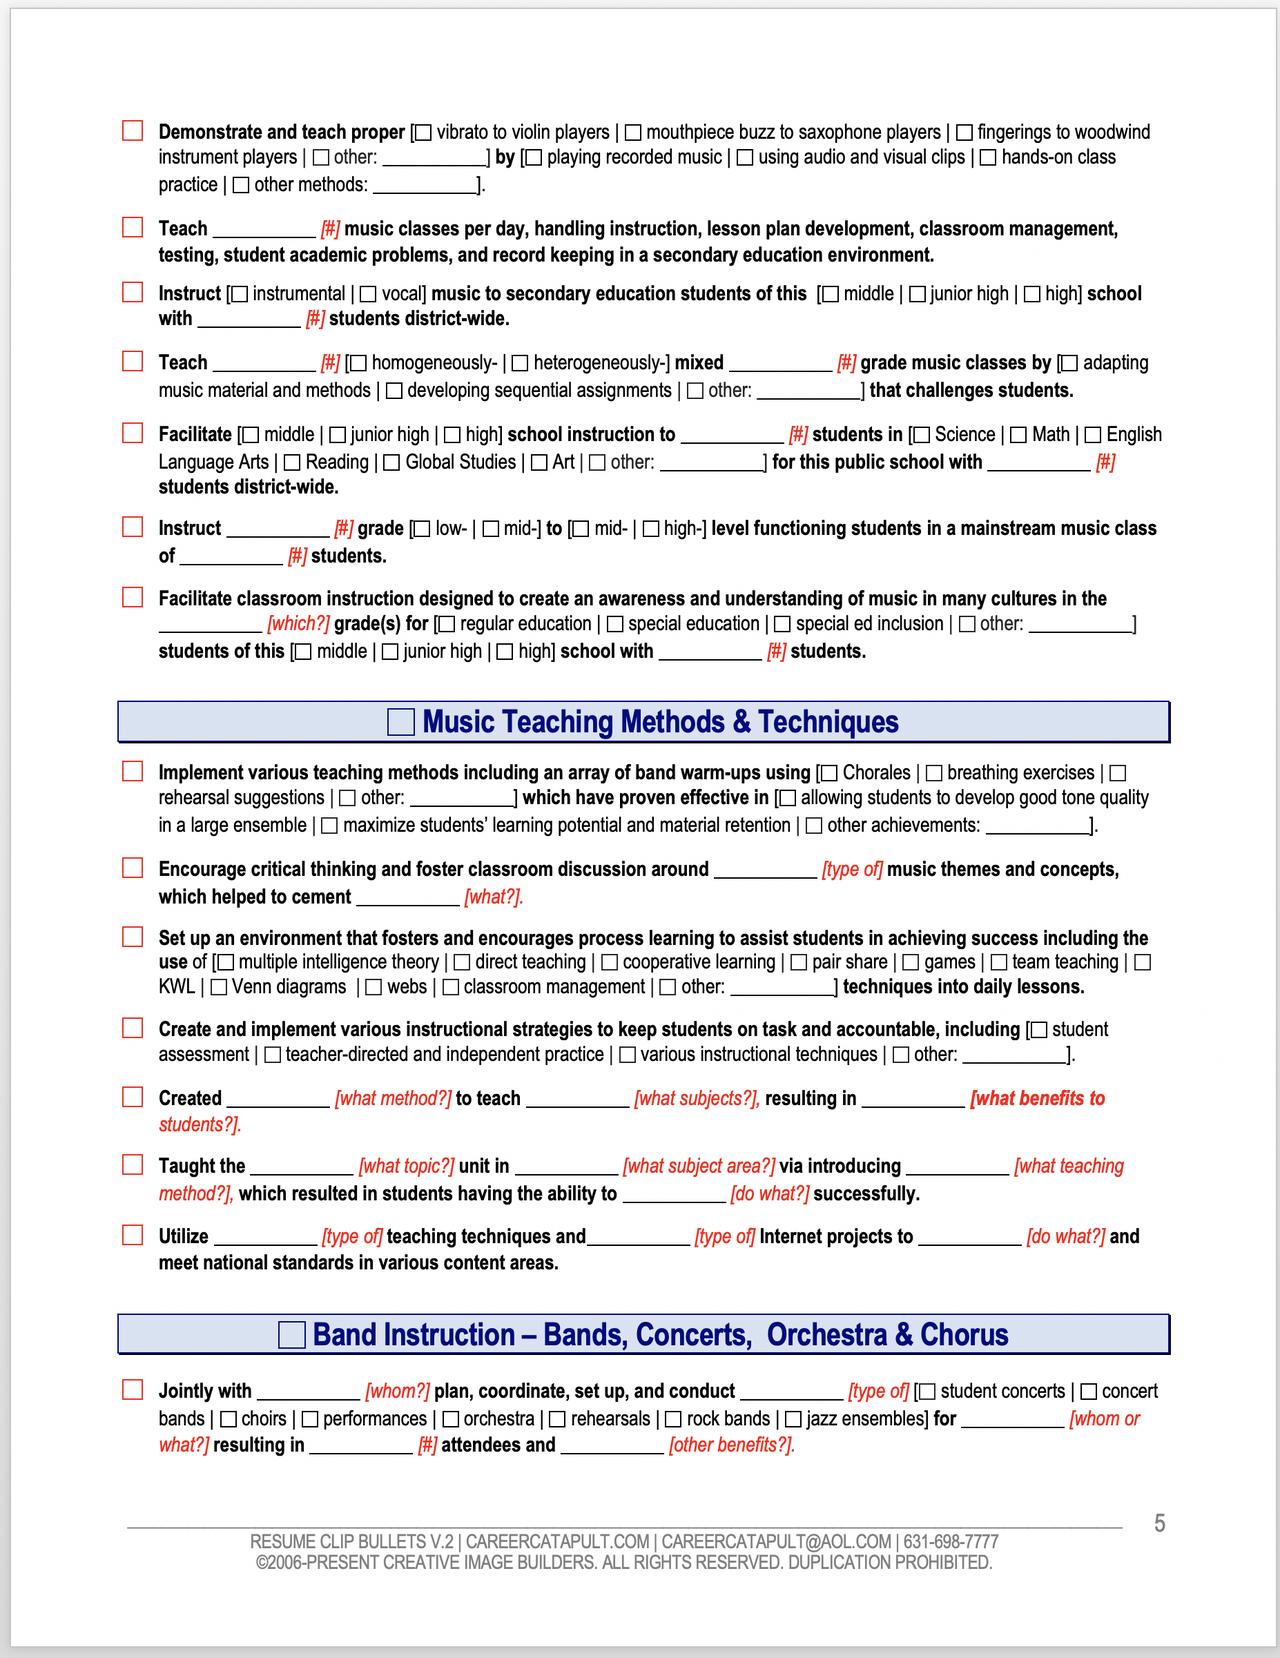 resume clipbullets sample - pg.5.png